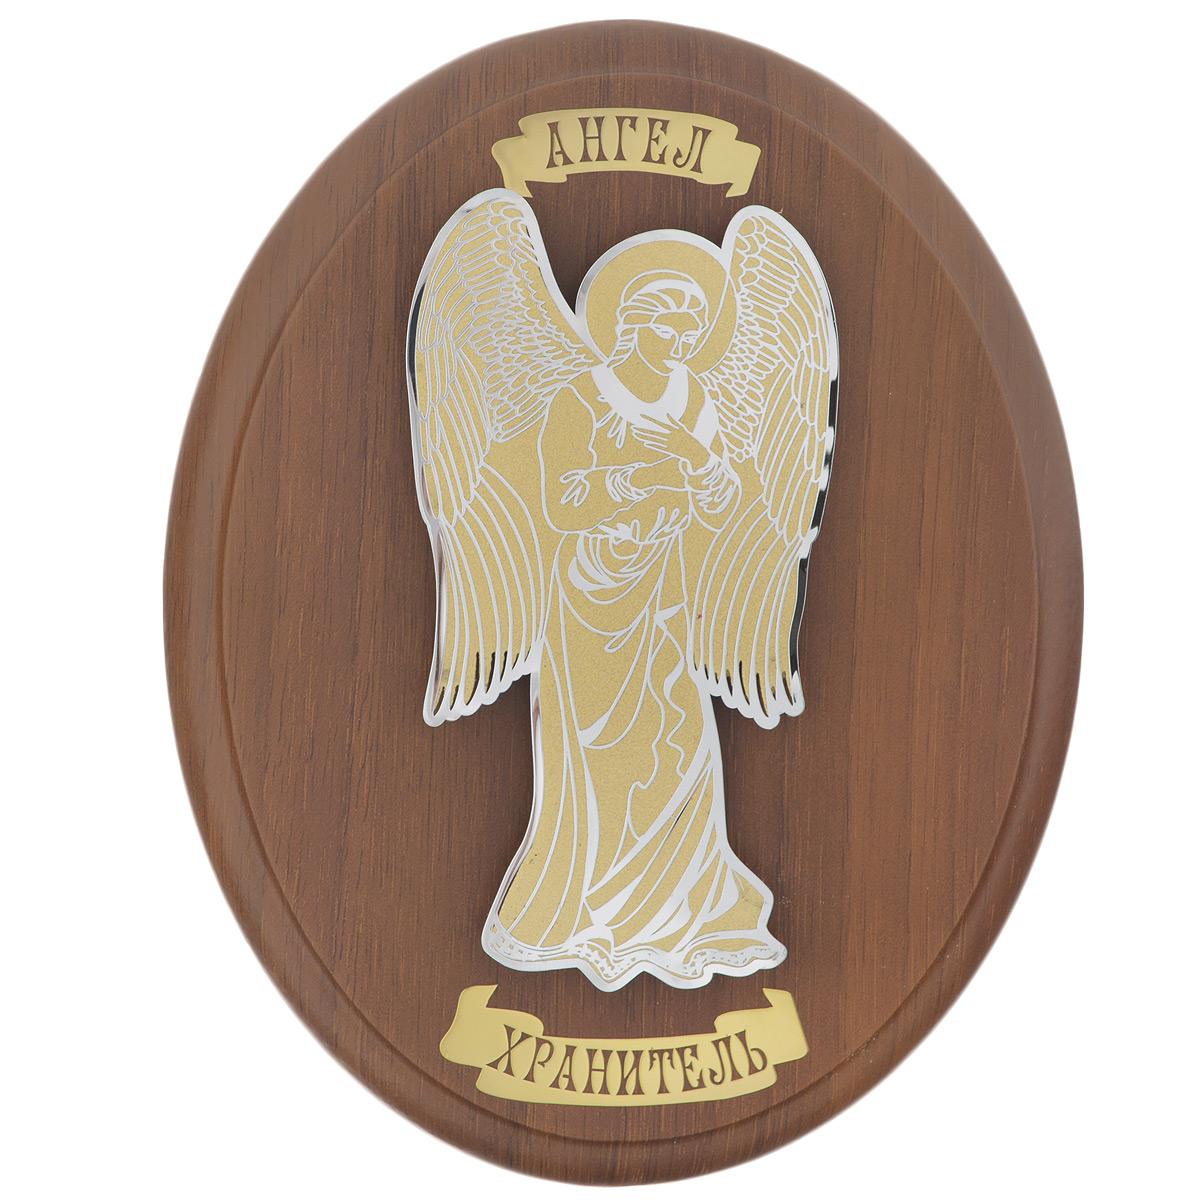 Панно Ангел-Хранитель, 13 см х 16,5 смAL-022Панно Ангел-Хранитель - замечательный сувенир и прекрасный элемент декора. Основание изделия выполнено из МДФ, по центру размещена металлическая пластина из латунированной стали, которая выполнена в форме ангела и украшена рельефным рисунком. Панно оформлено надписью Ангел Хранитель золотистого цвета; технология нанесения текста - лазерная гравировка. С задней стороны имеется металлическая петелька для размещения на стене. Панно упаковано в изысканную подарочную коробку, закрывающуюся на замочек. Внутренняя поверхность коробки задрапирована атласной тканью светлых тонов.